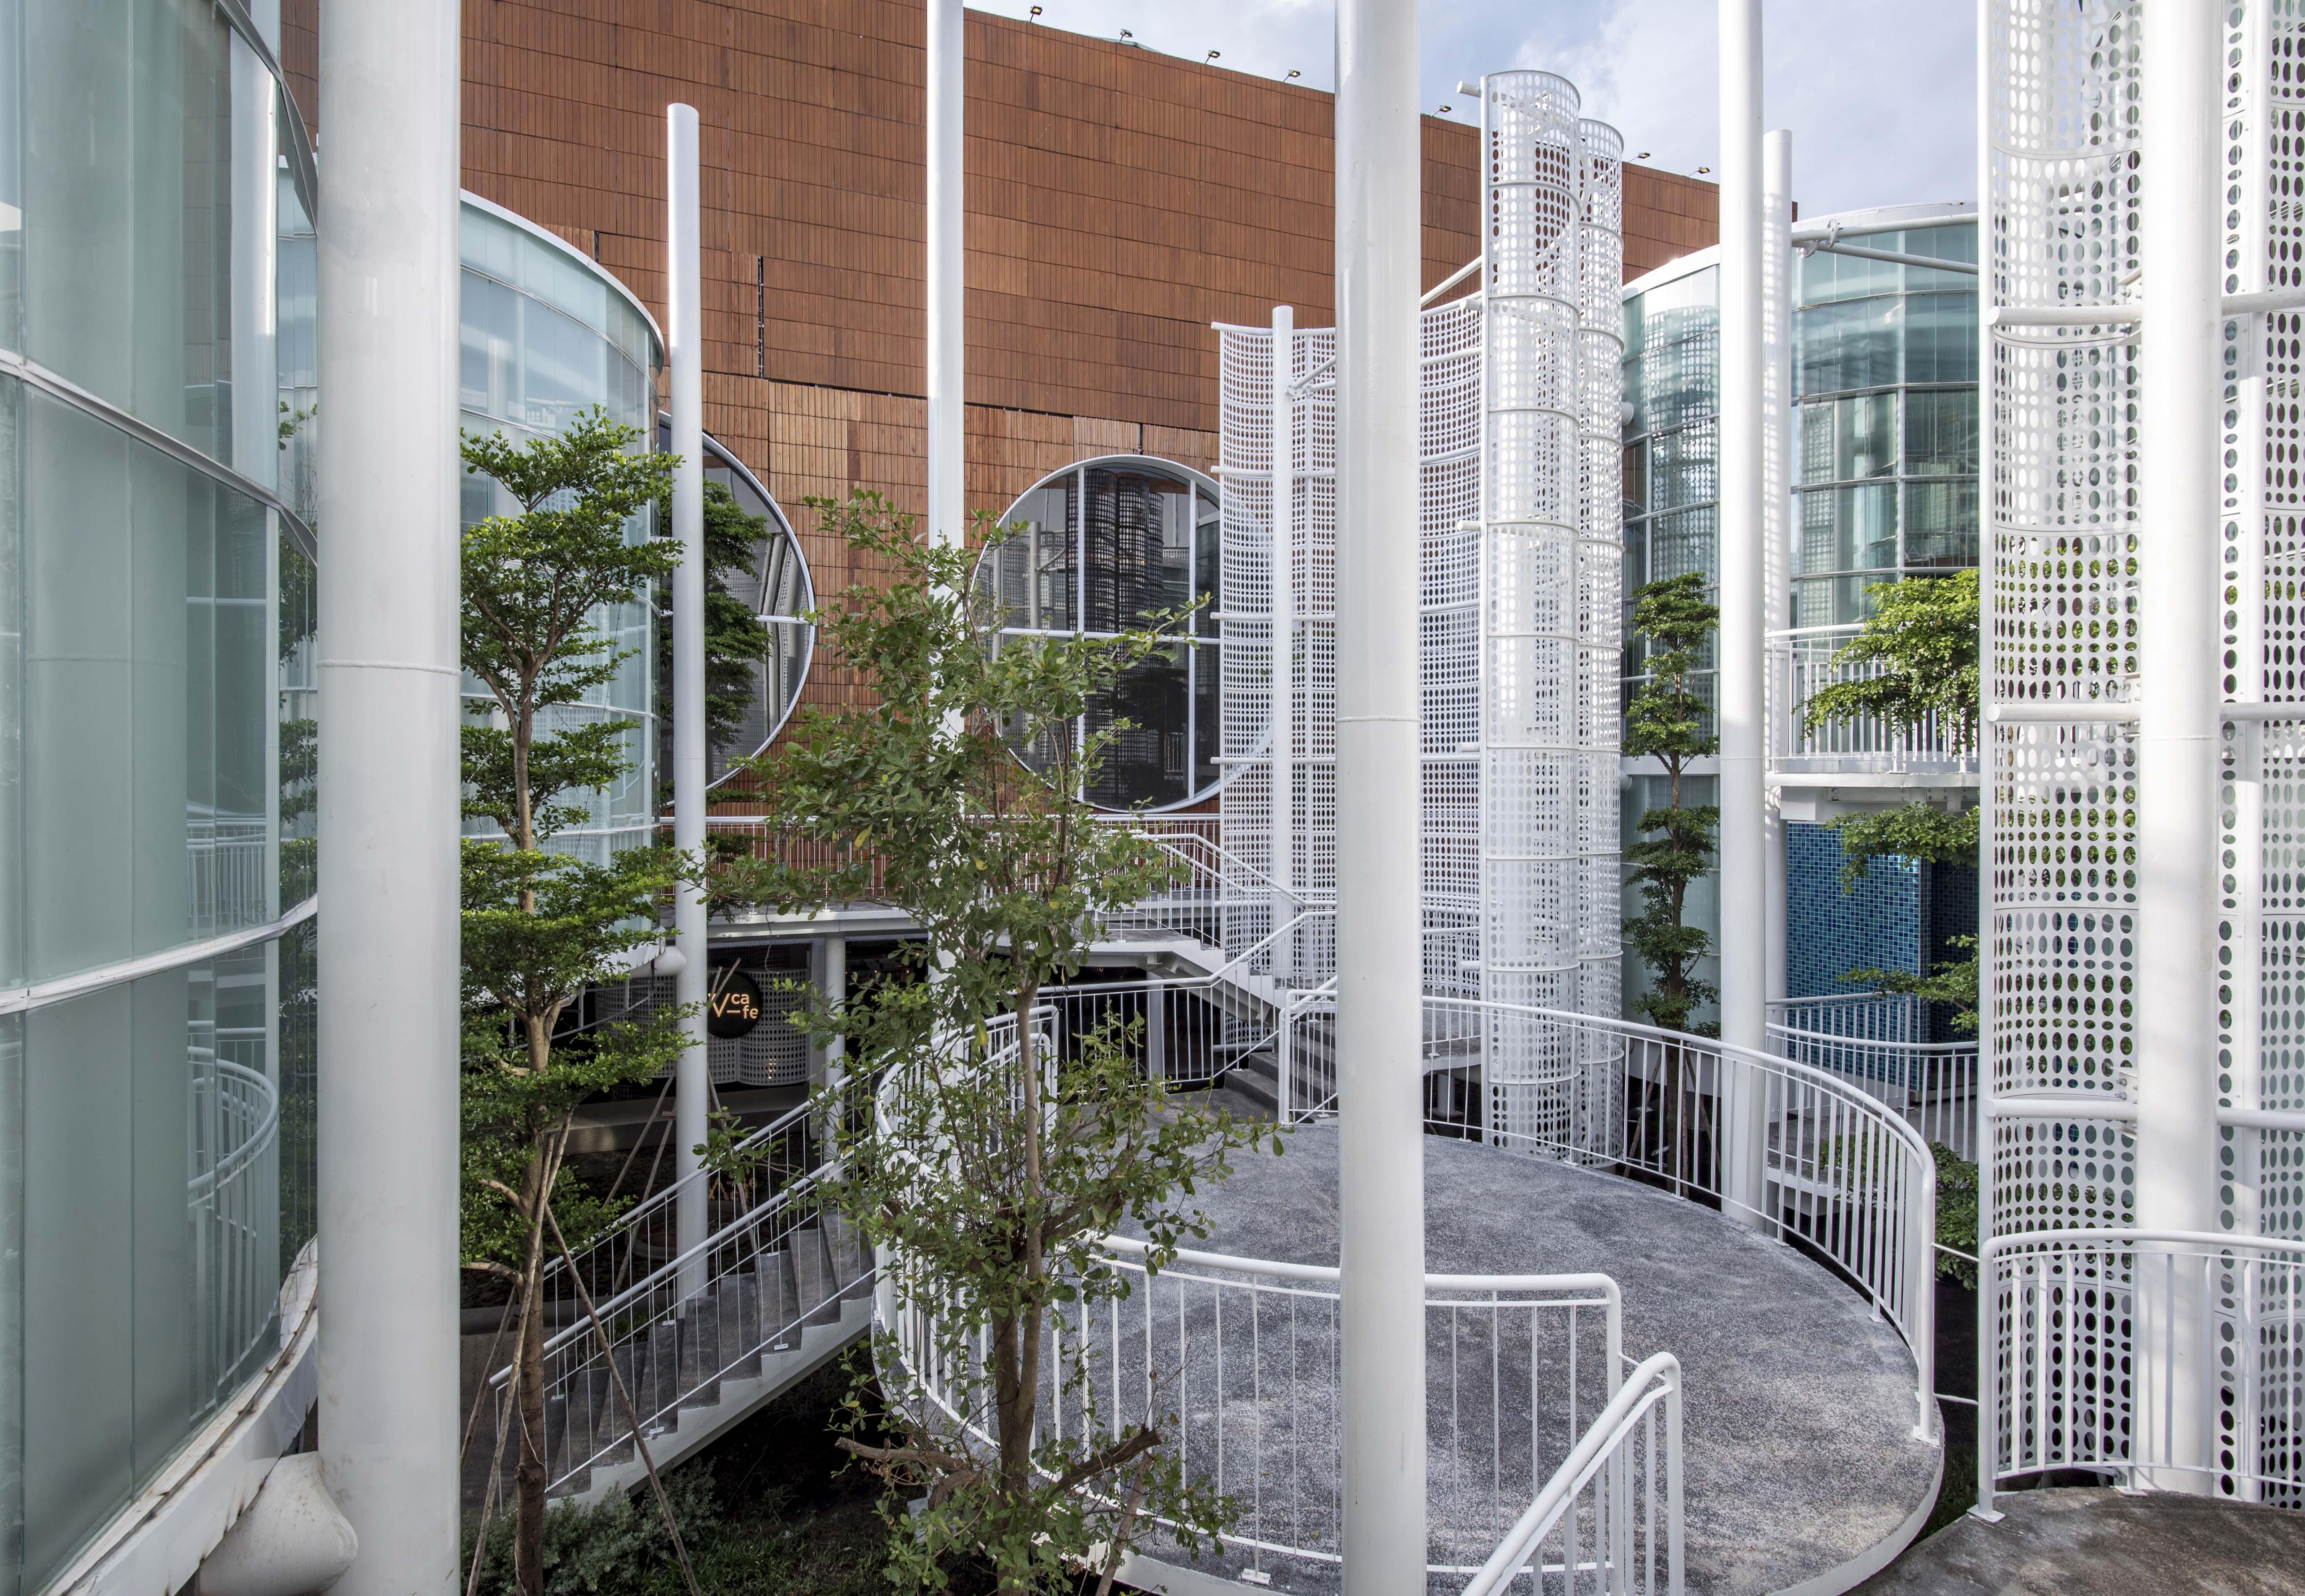 vườntreo ngoài trời của trung tâm triển lãm White Palace